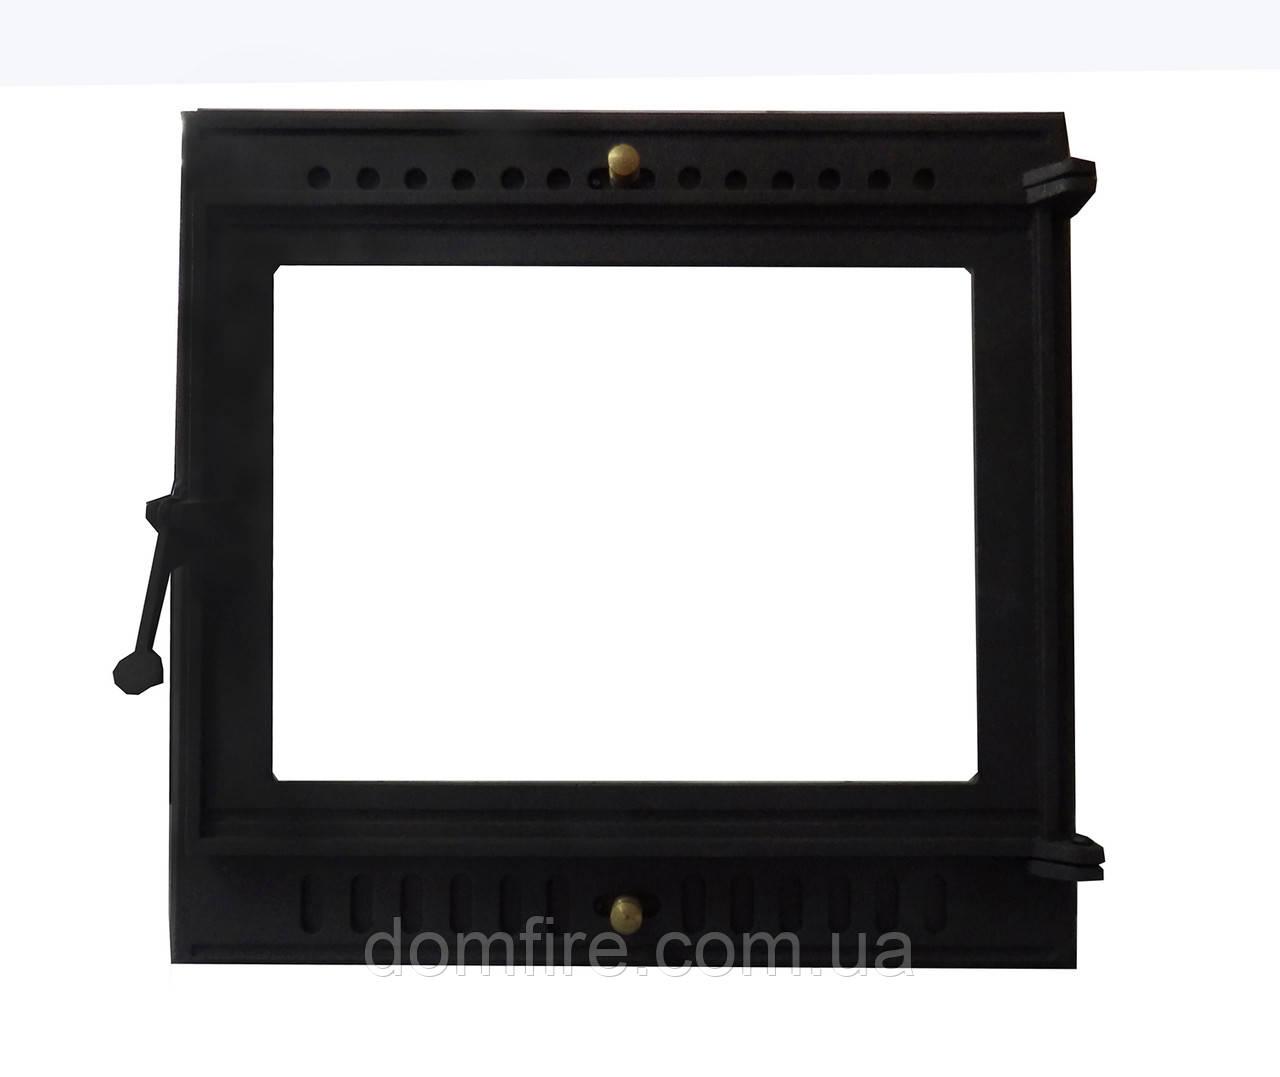 Чугунная каминная дверца (вставка стекло) - VVK 48x46,5 см-44x42см - Domfire - тепло в Вашем доме в Ужгороде